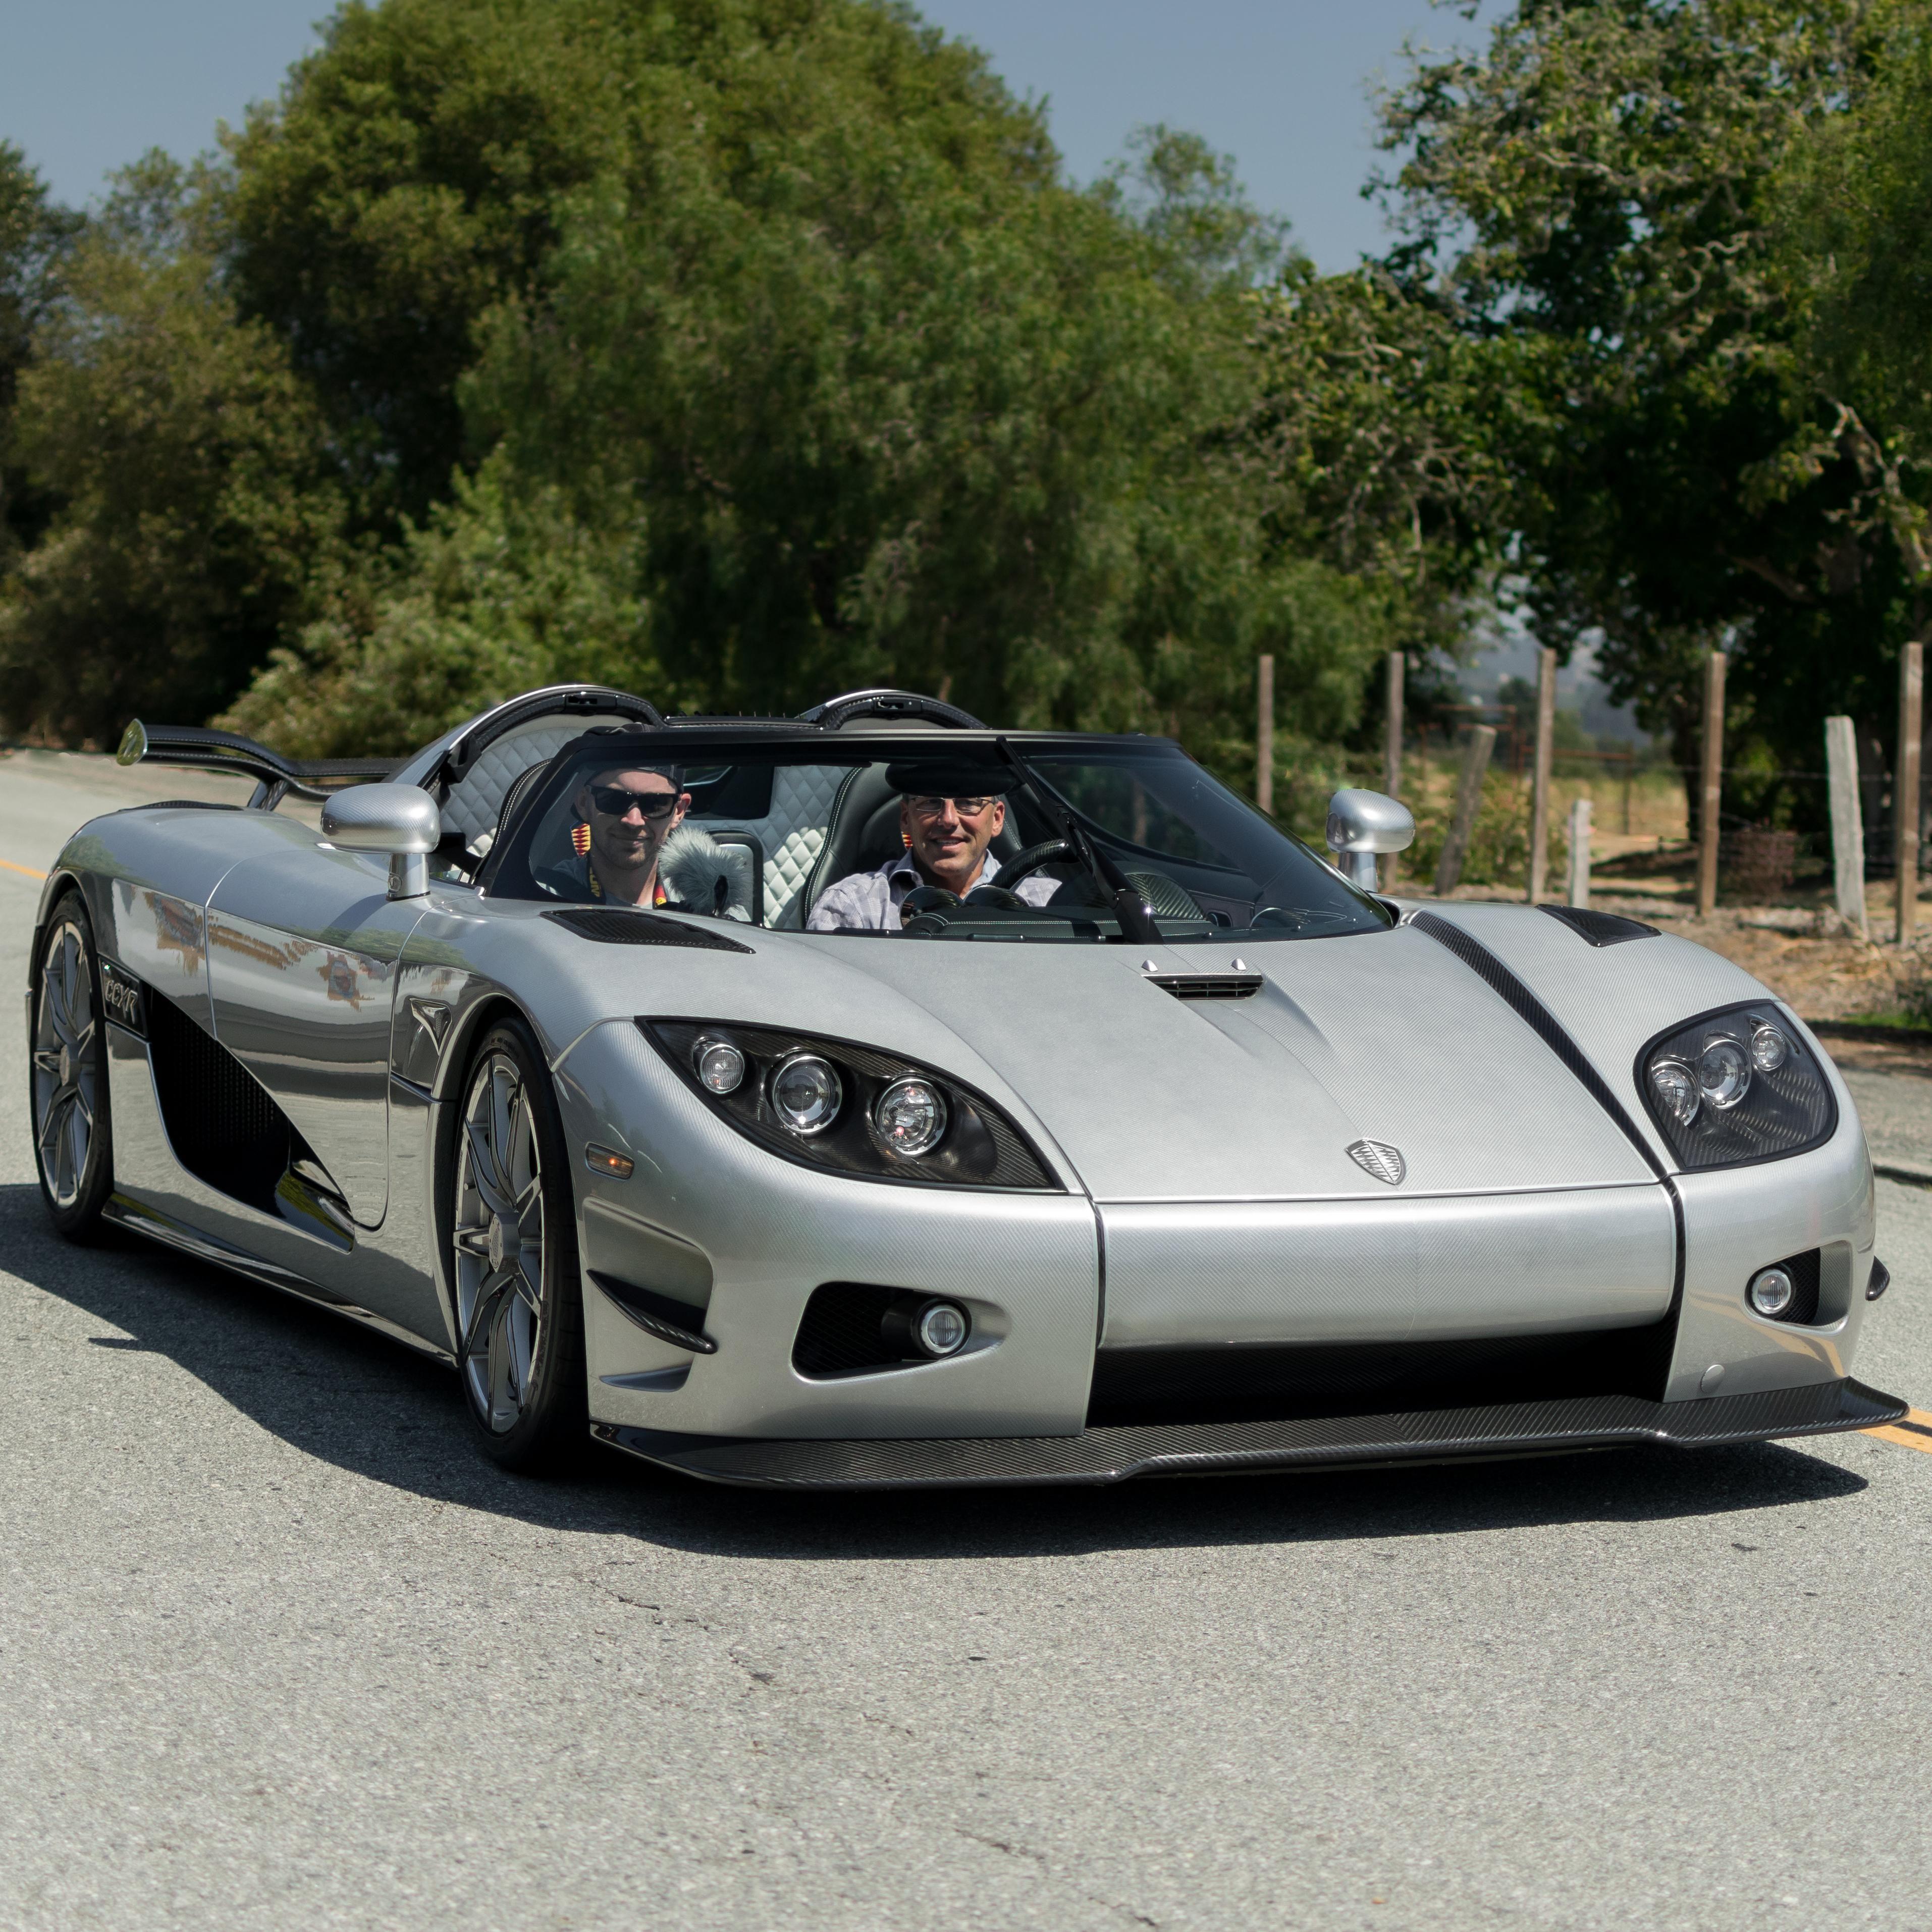 Koenigsegg ccxr trevita being driven at monterey car week